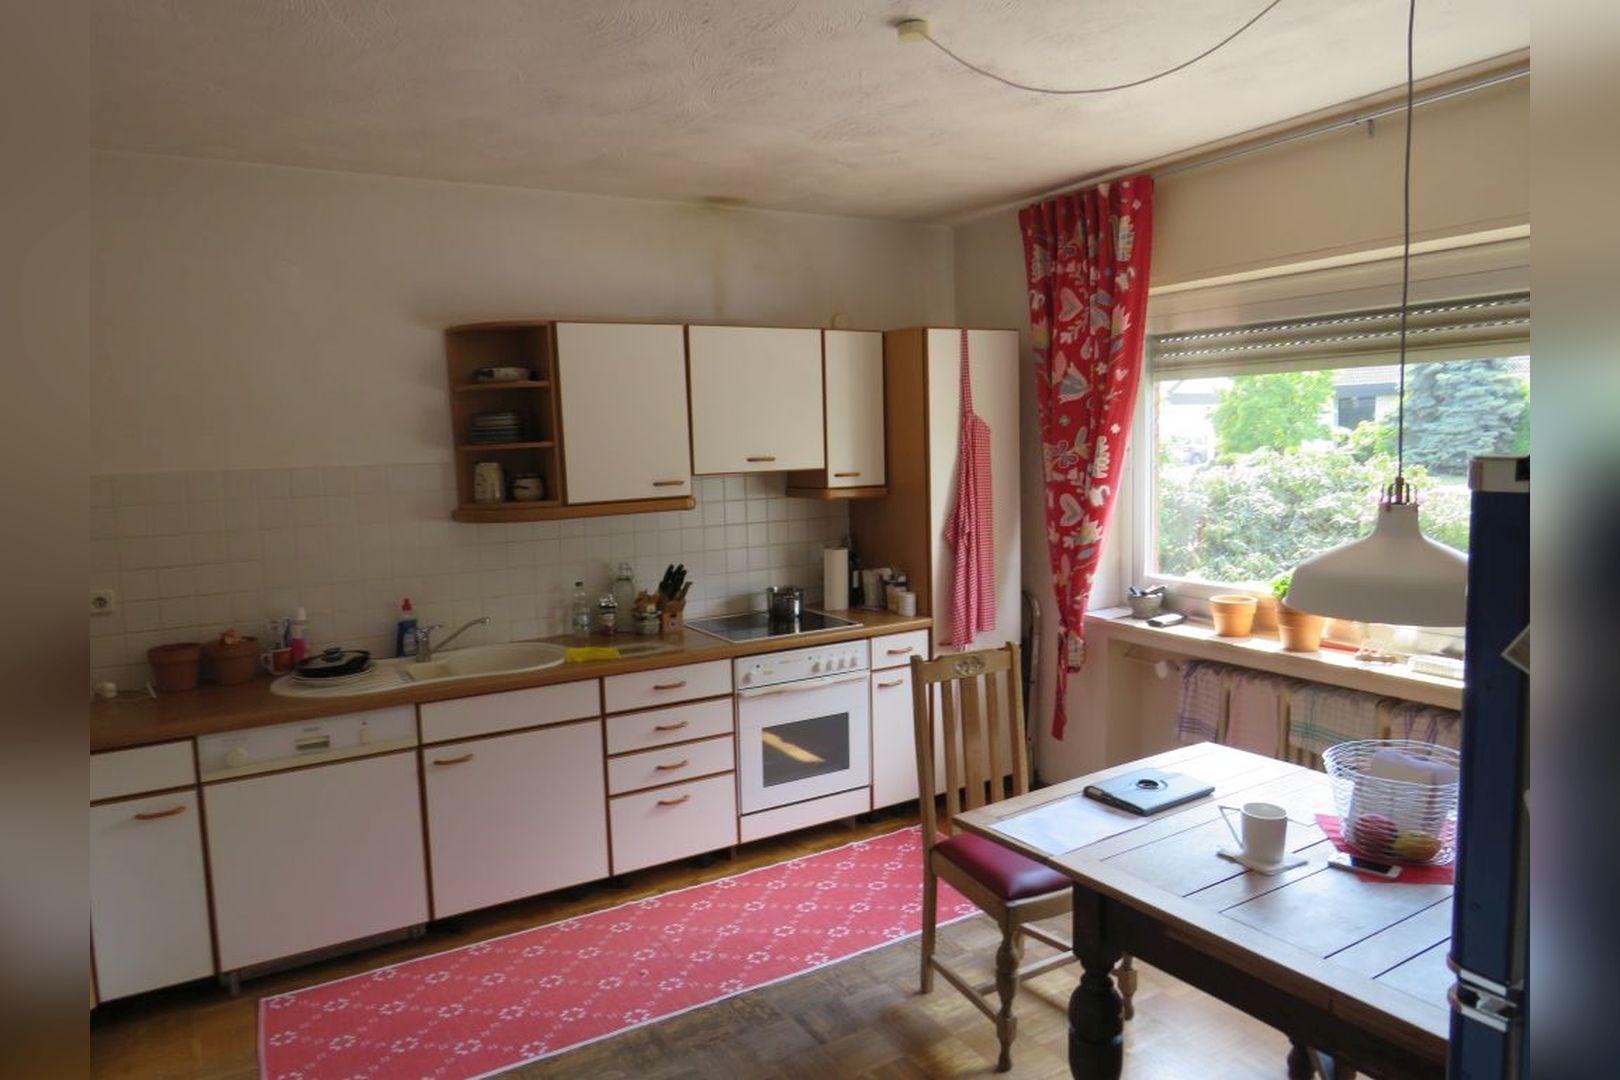 Immobilie Nr.0260 - Einfamilienhaus, zum 2-FH erweiterbar. Spitzboden als zusätzl. Ausbaureserve - Bild 6.jpg